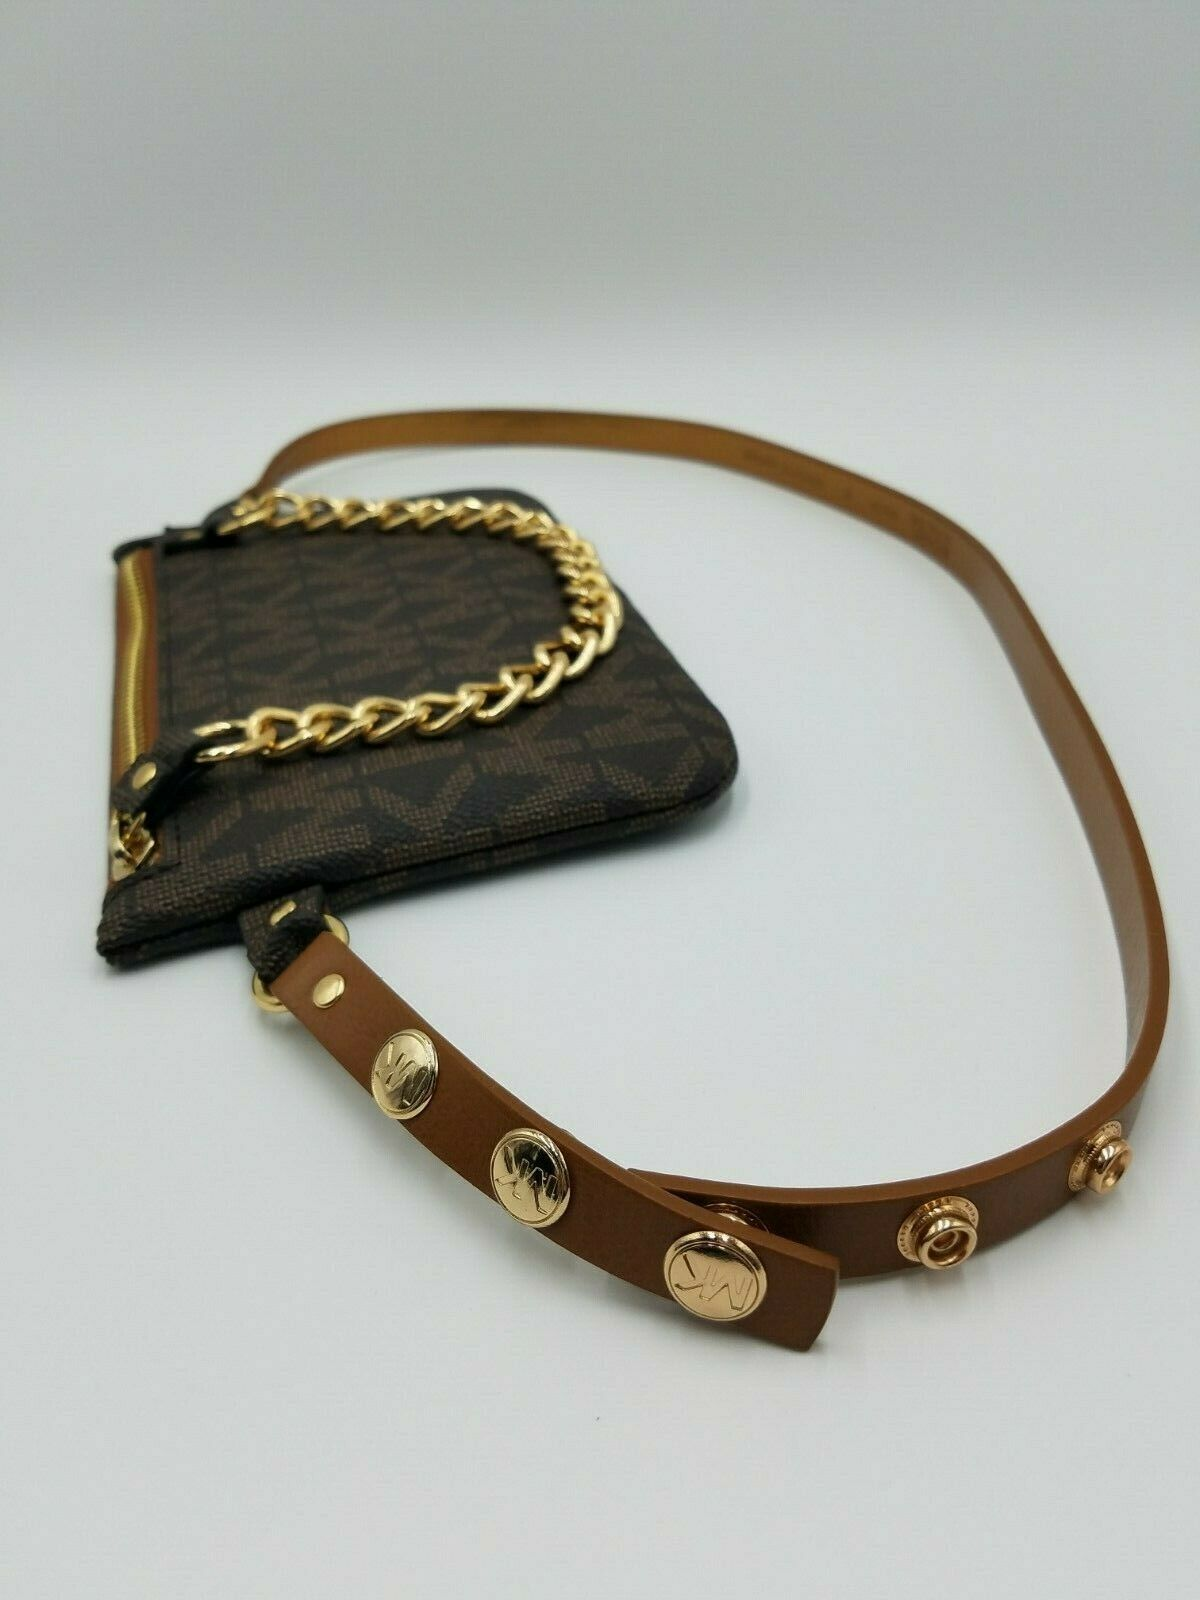 Brand New Trending Michael Kors MK Fanny Pack Belt Bag with Pull Chain